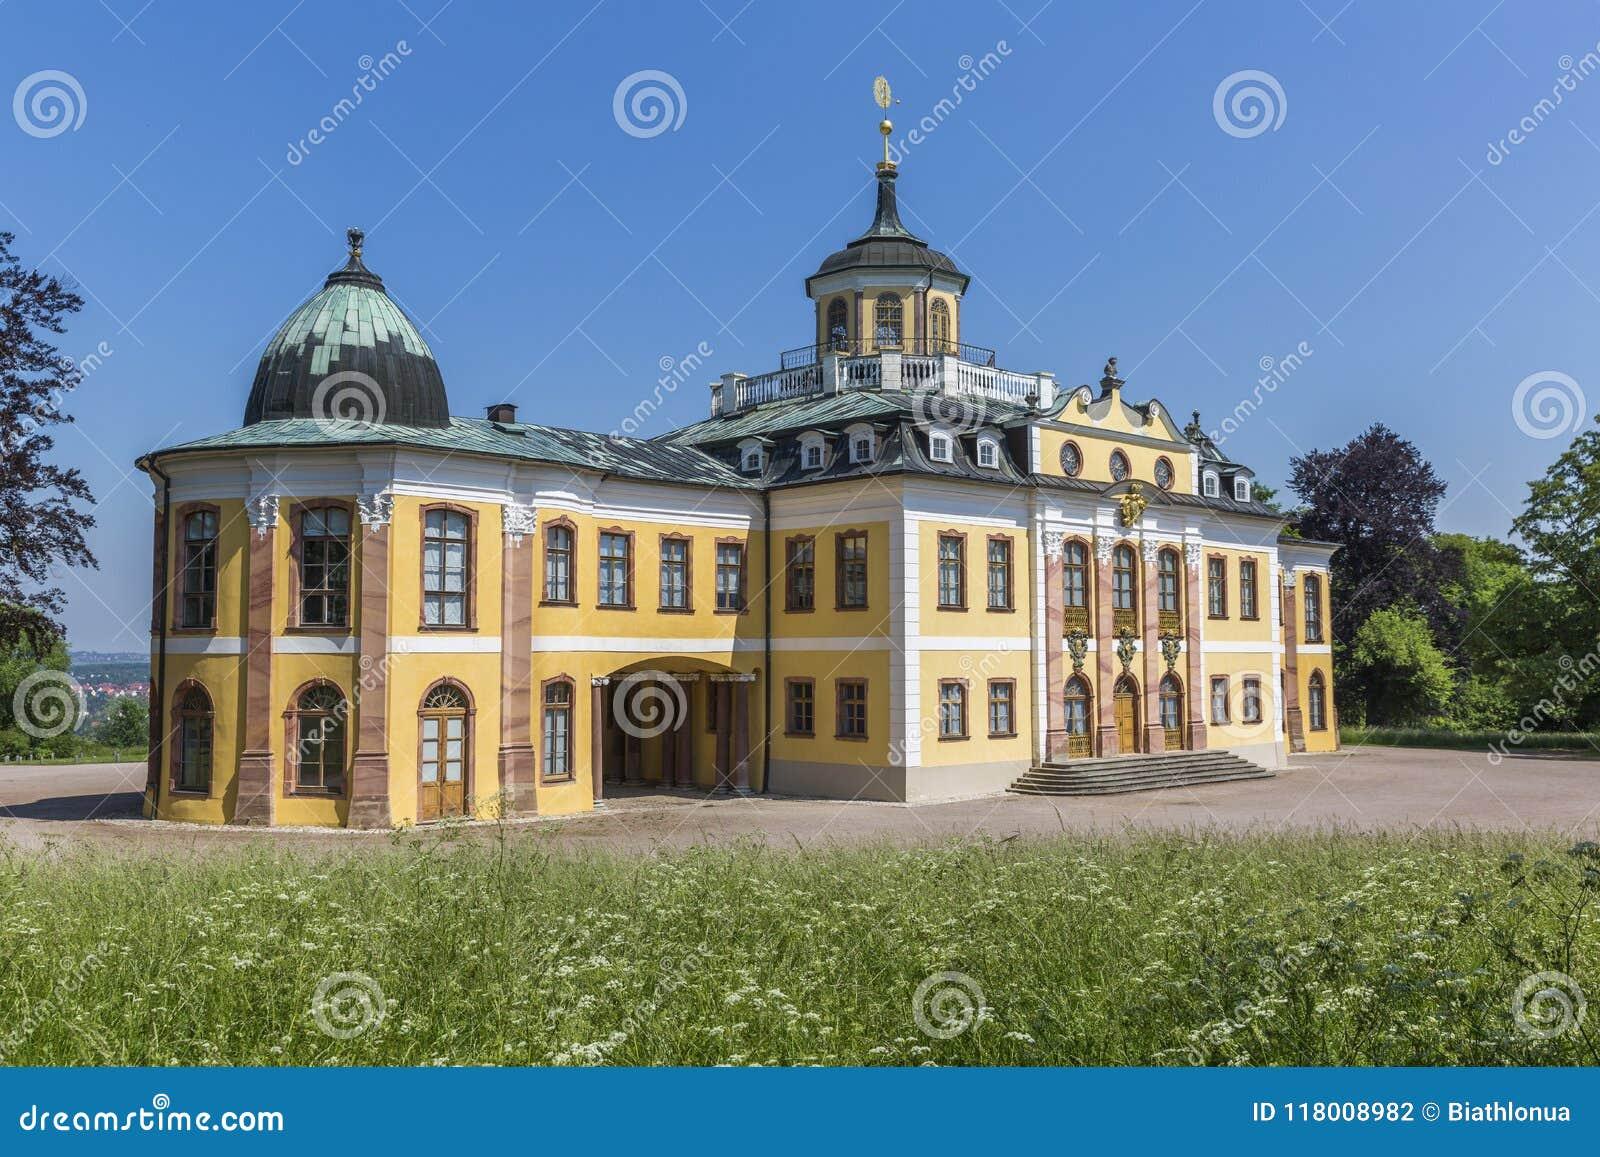 Le château baroque de belvédère construit pour des maison-parties à Weimar, Thuringe